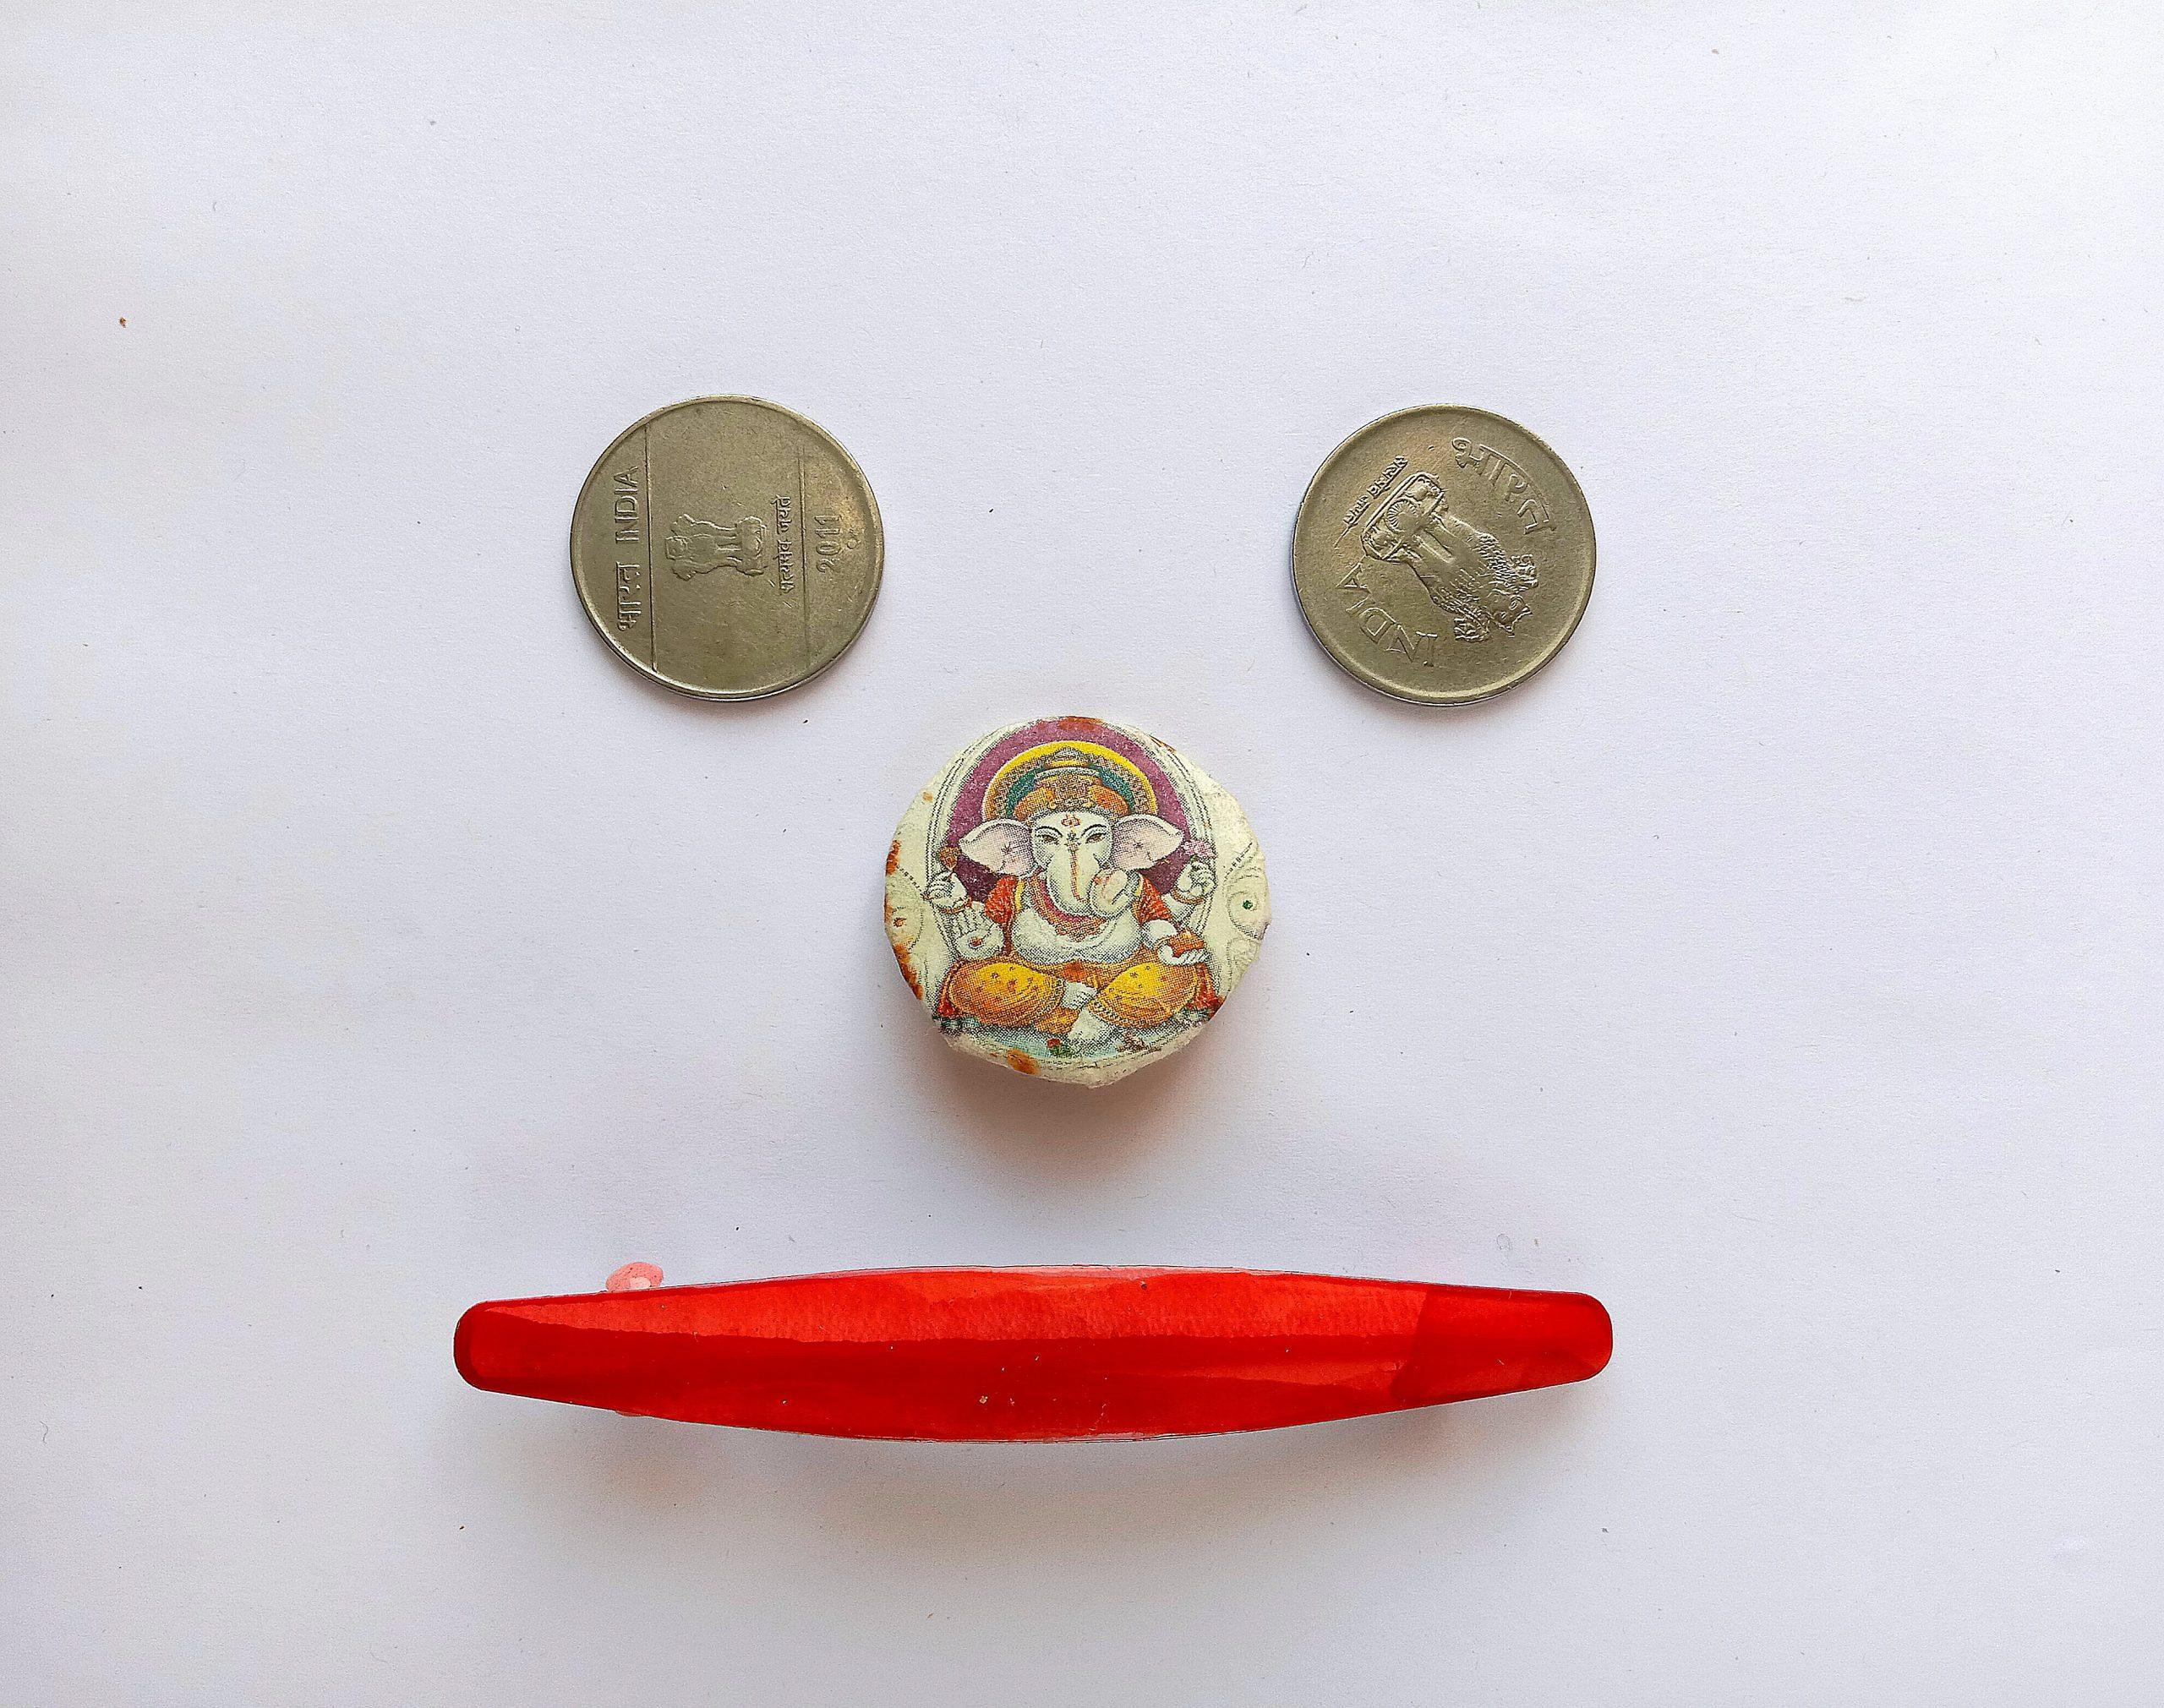 Ganpati Murti with coin